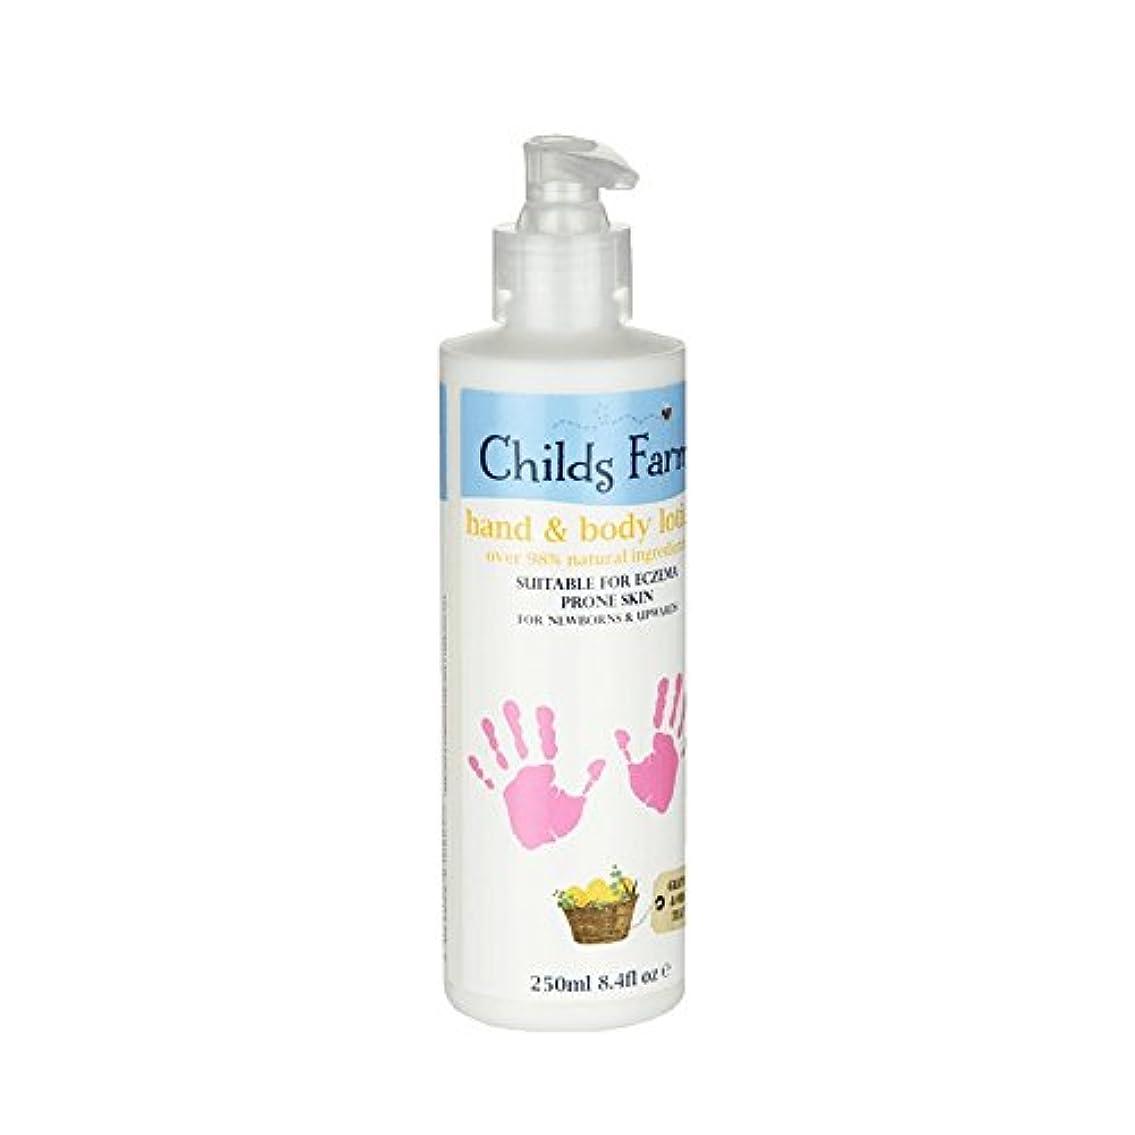 浮浪者神経障害はっきりとChilds Farm Hand & Body Lotion for Silky Skin 250ml (Pack of 6) - 絹のような肌の250ミリリットルのためのチャイルズファームハンド&ボディローション (x6...